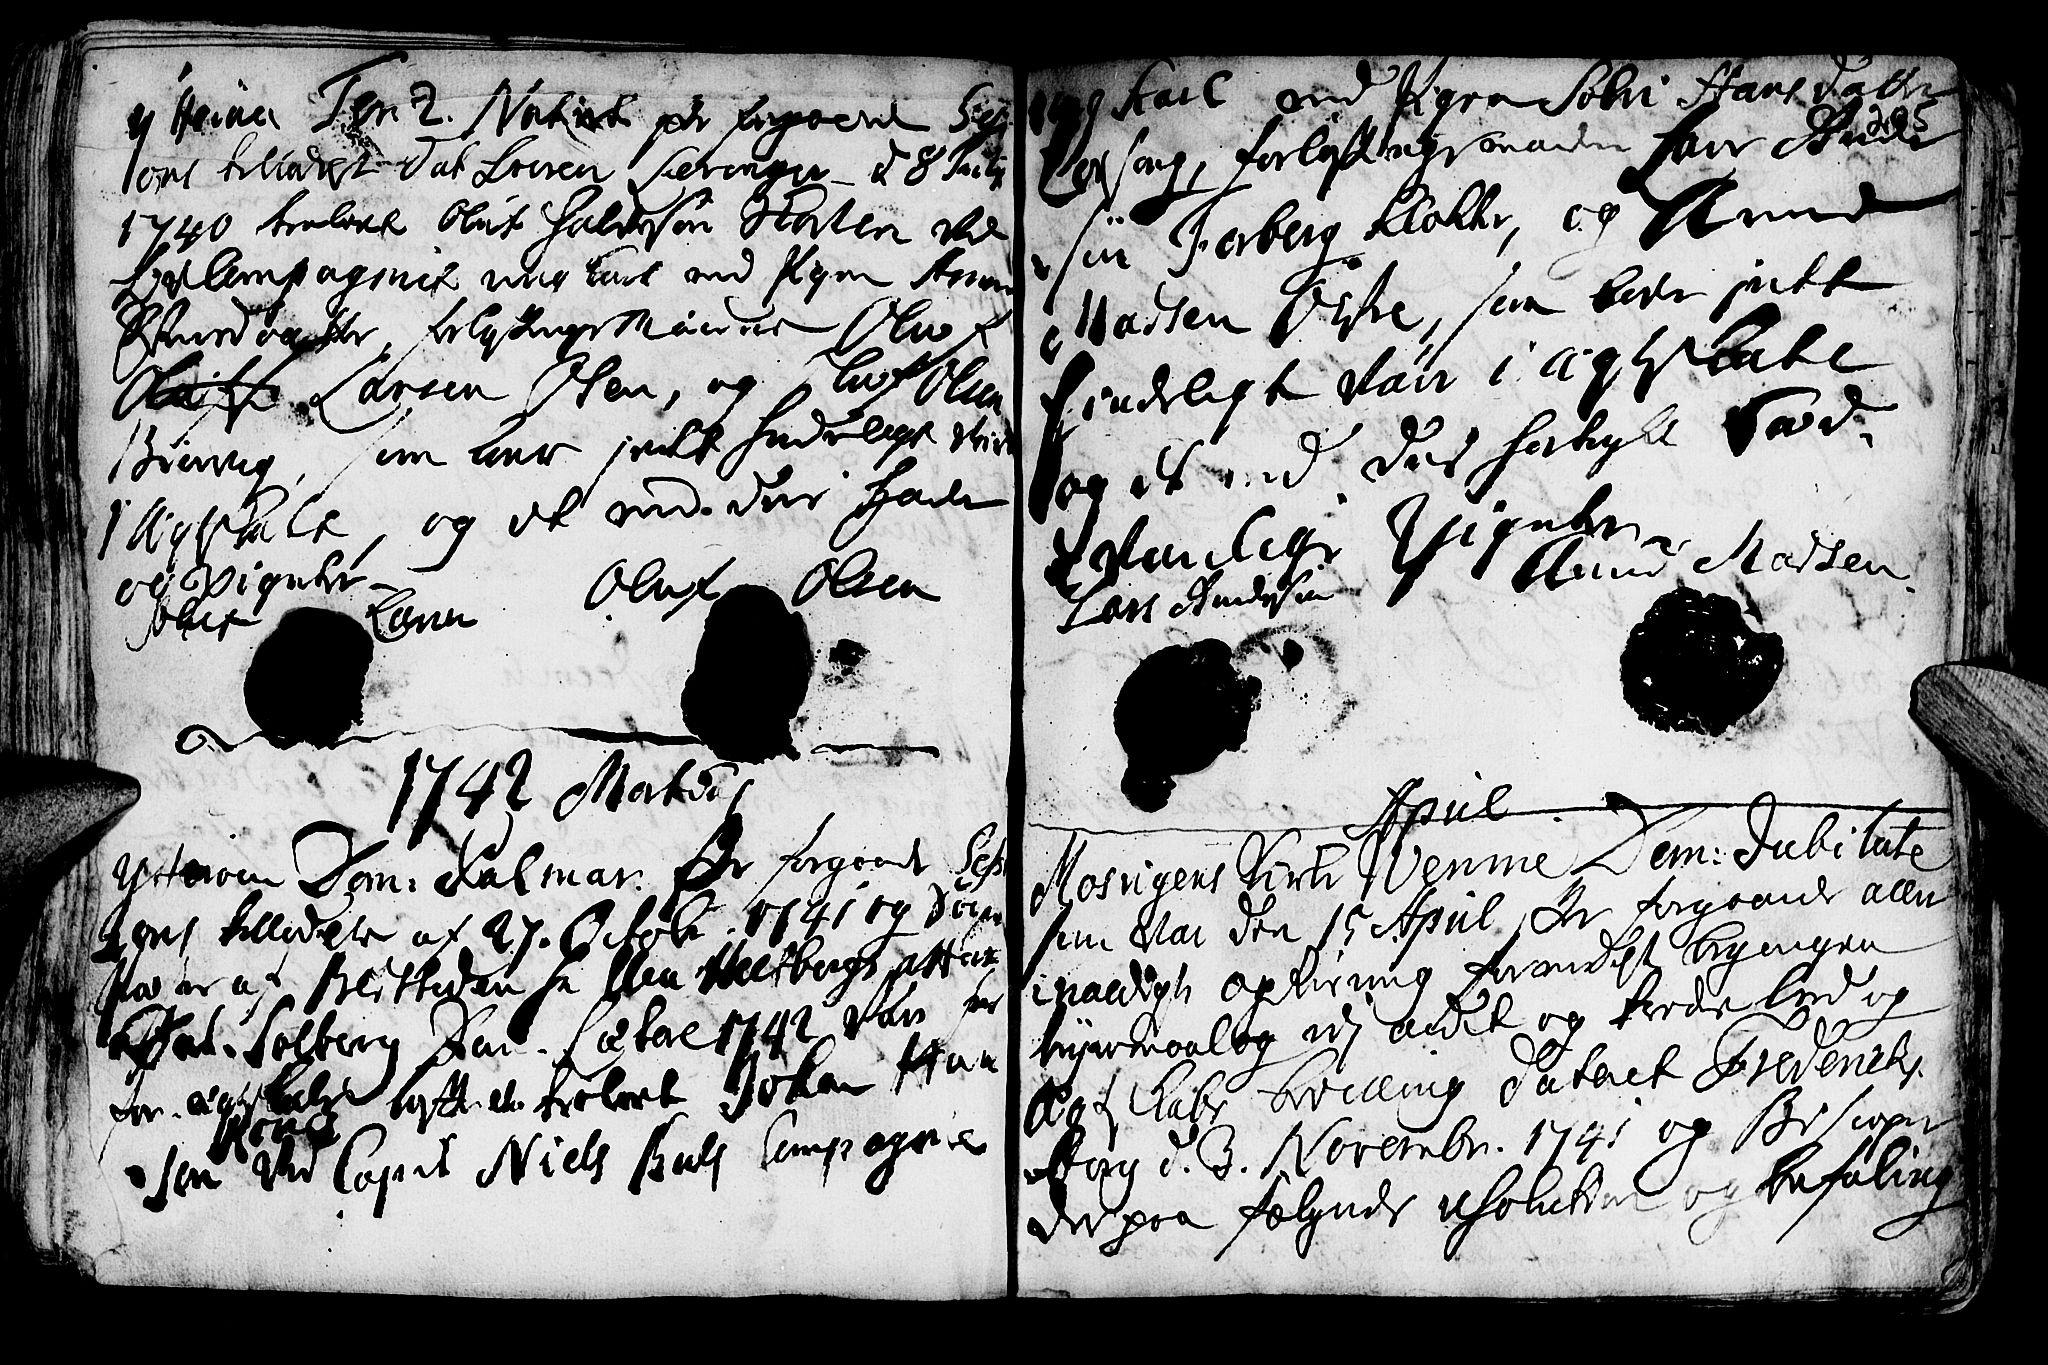 SAT, Ministerialprotokoller, klokkerbøker og fødselsregistre - Nord-Trøndelag, 722/L0215: Ministerialbok nr. 722A02, 1718-1755, s. 205